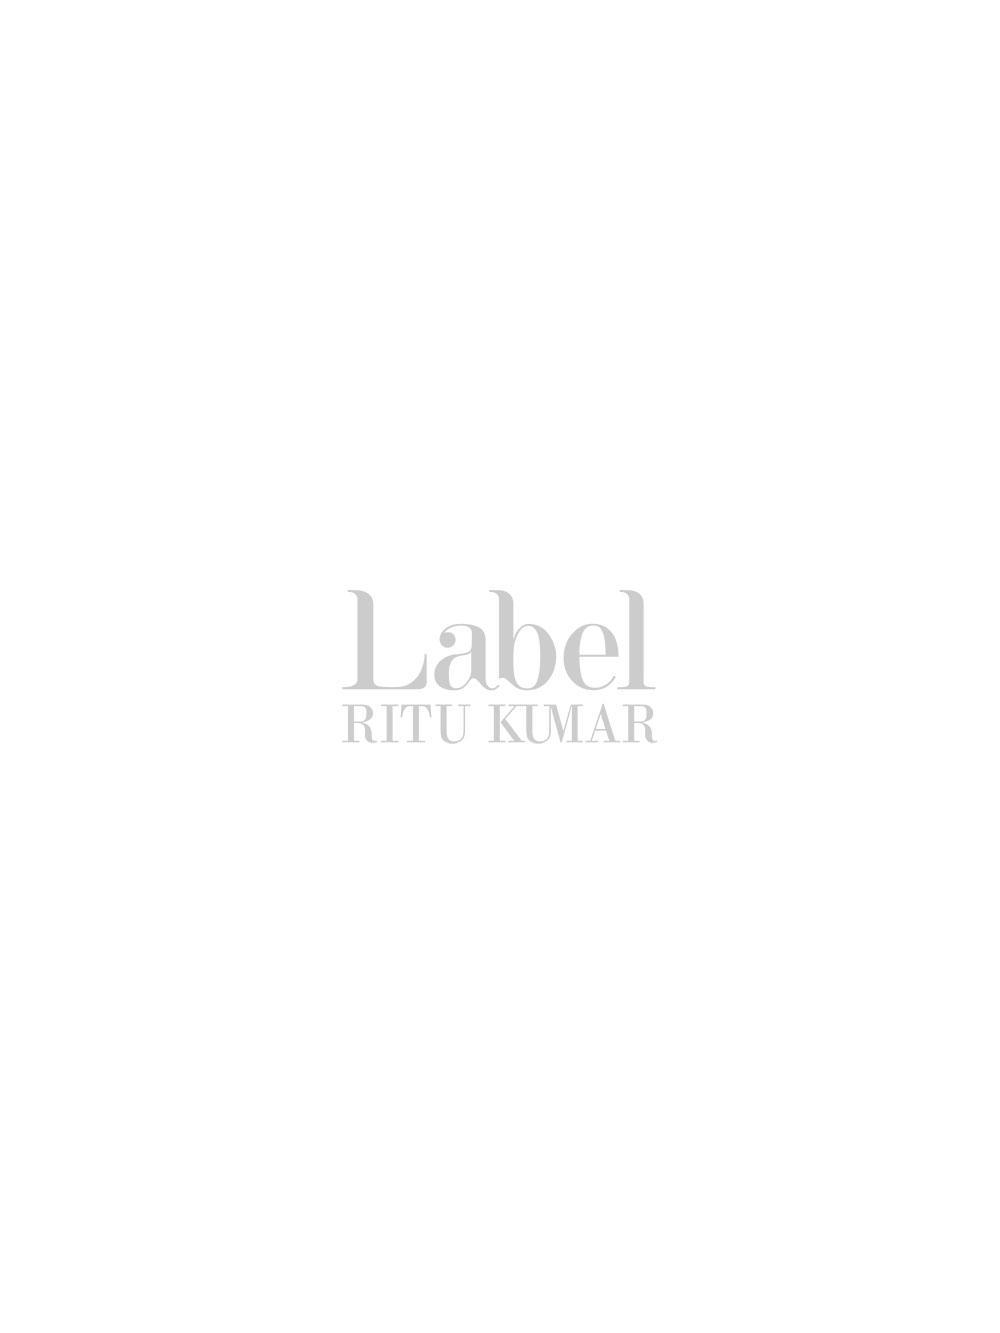 Coral & Ecru Samode Ruffle Dress